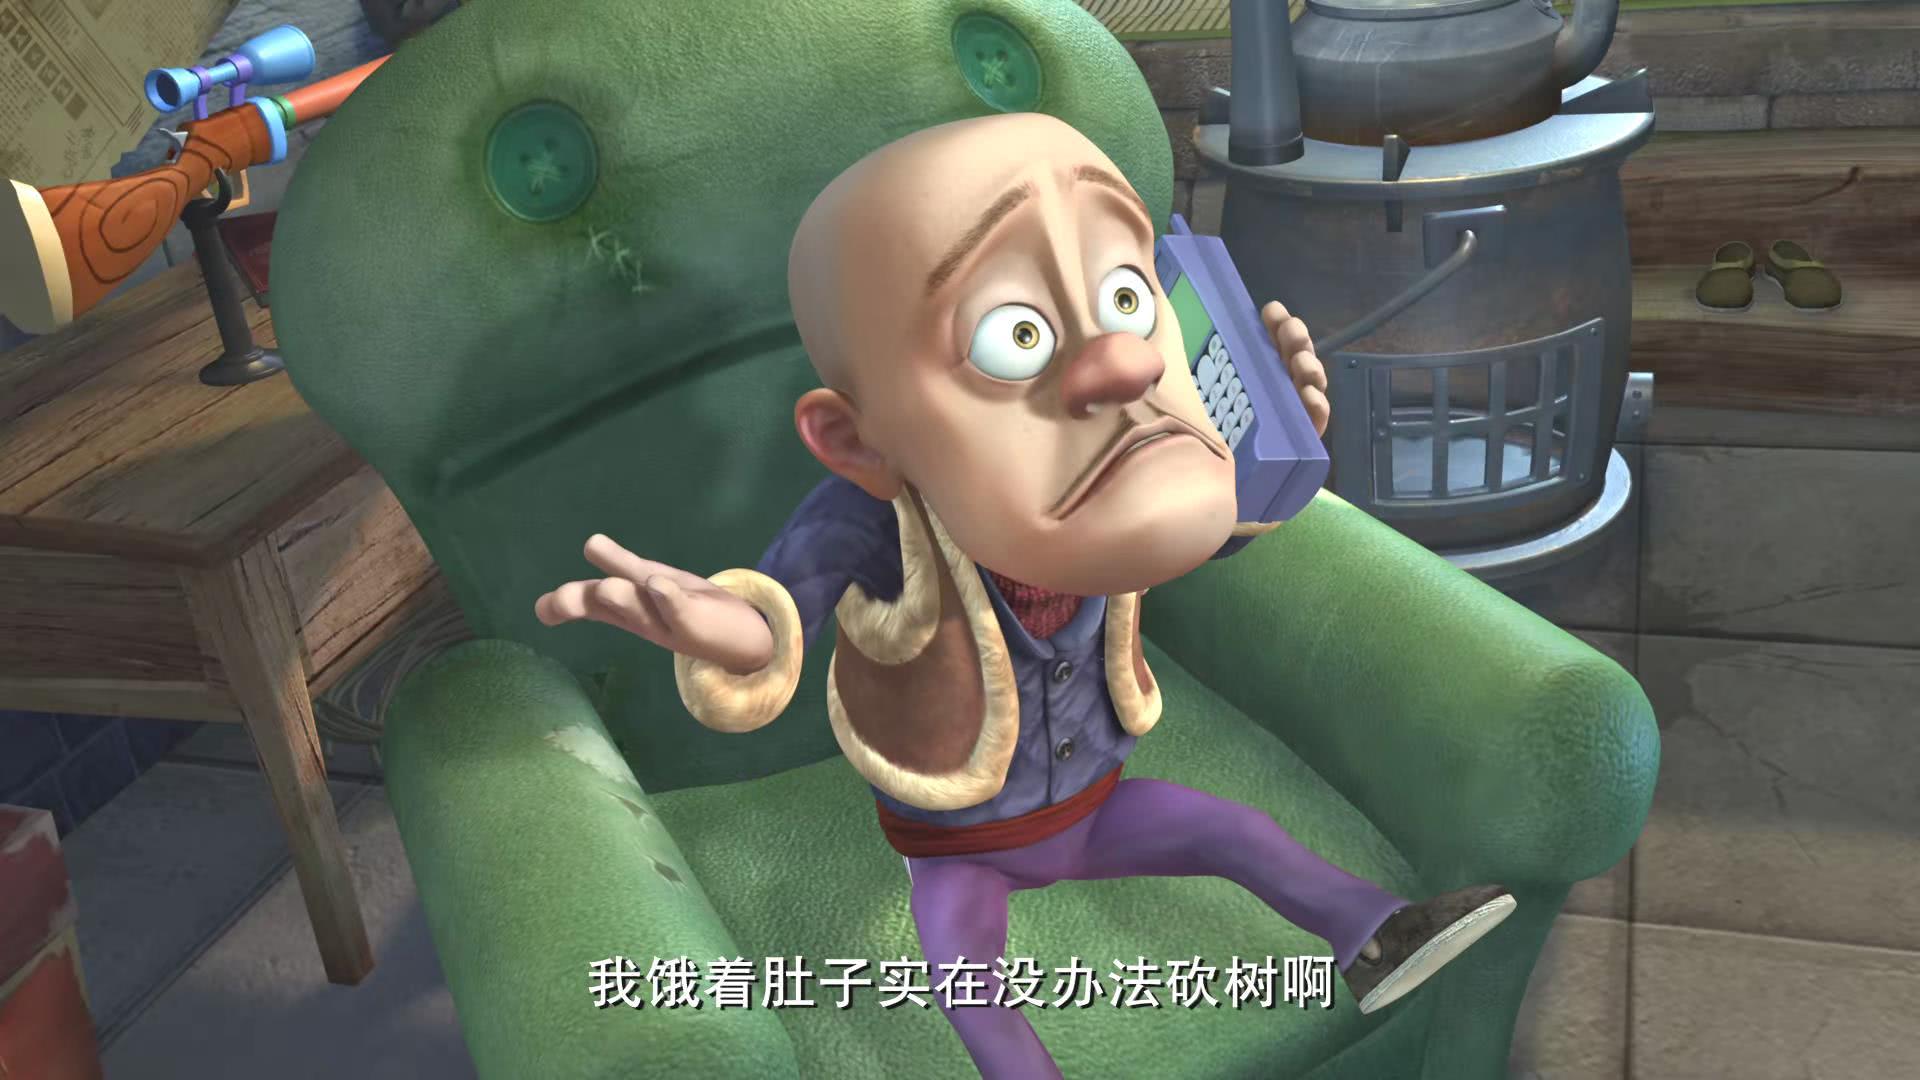 熊出没:光头强与赵琳有共同的缺点,让他们没脸见自己父母